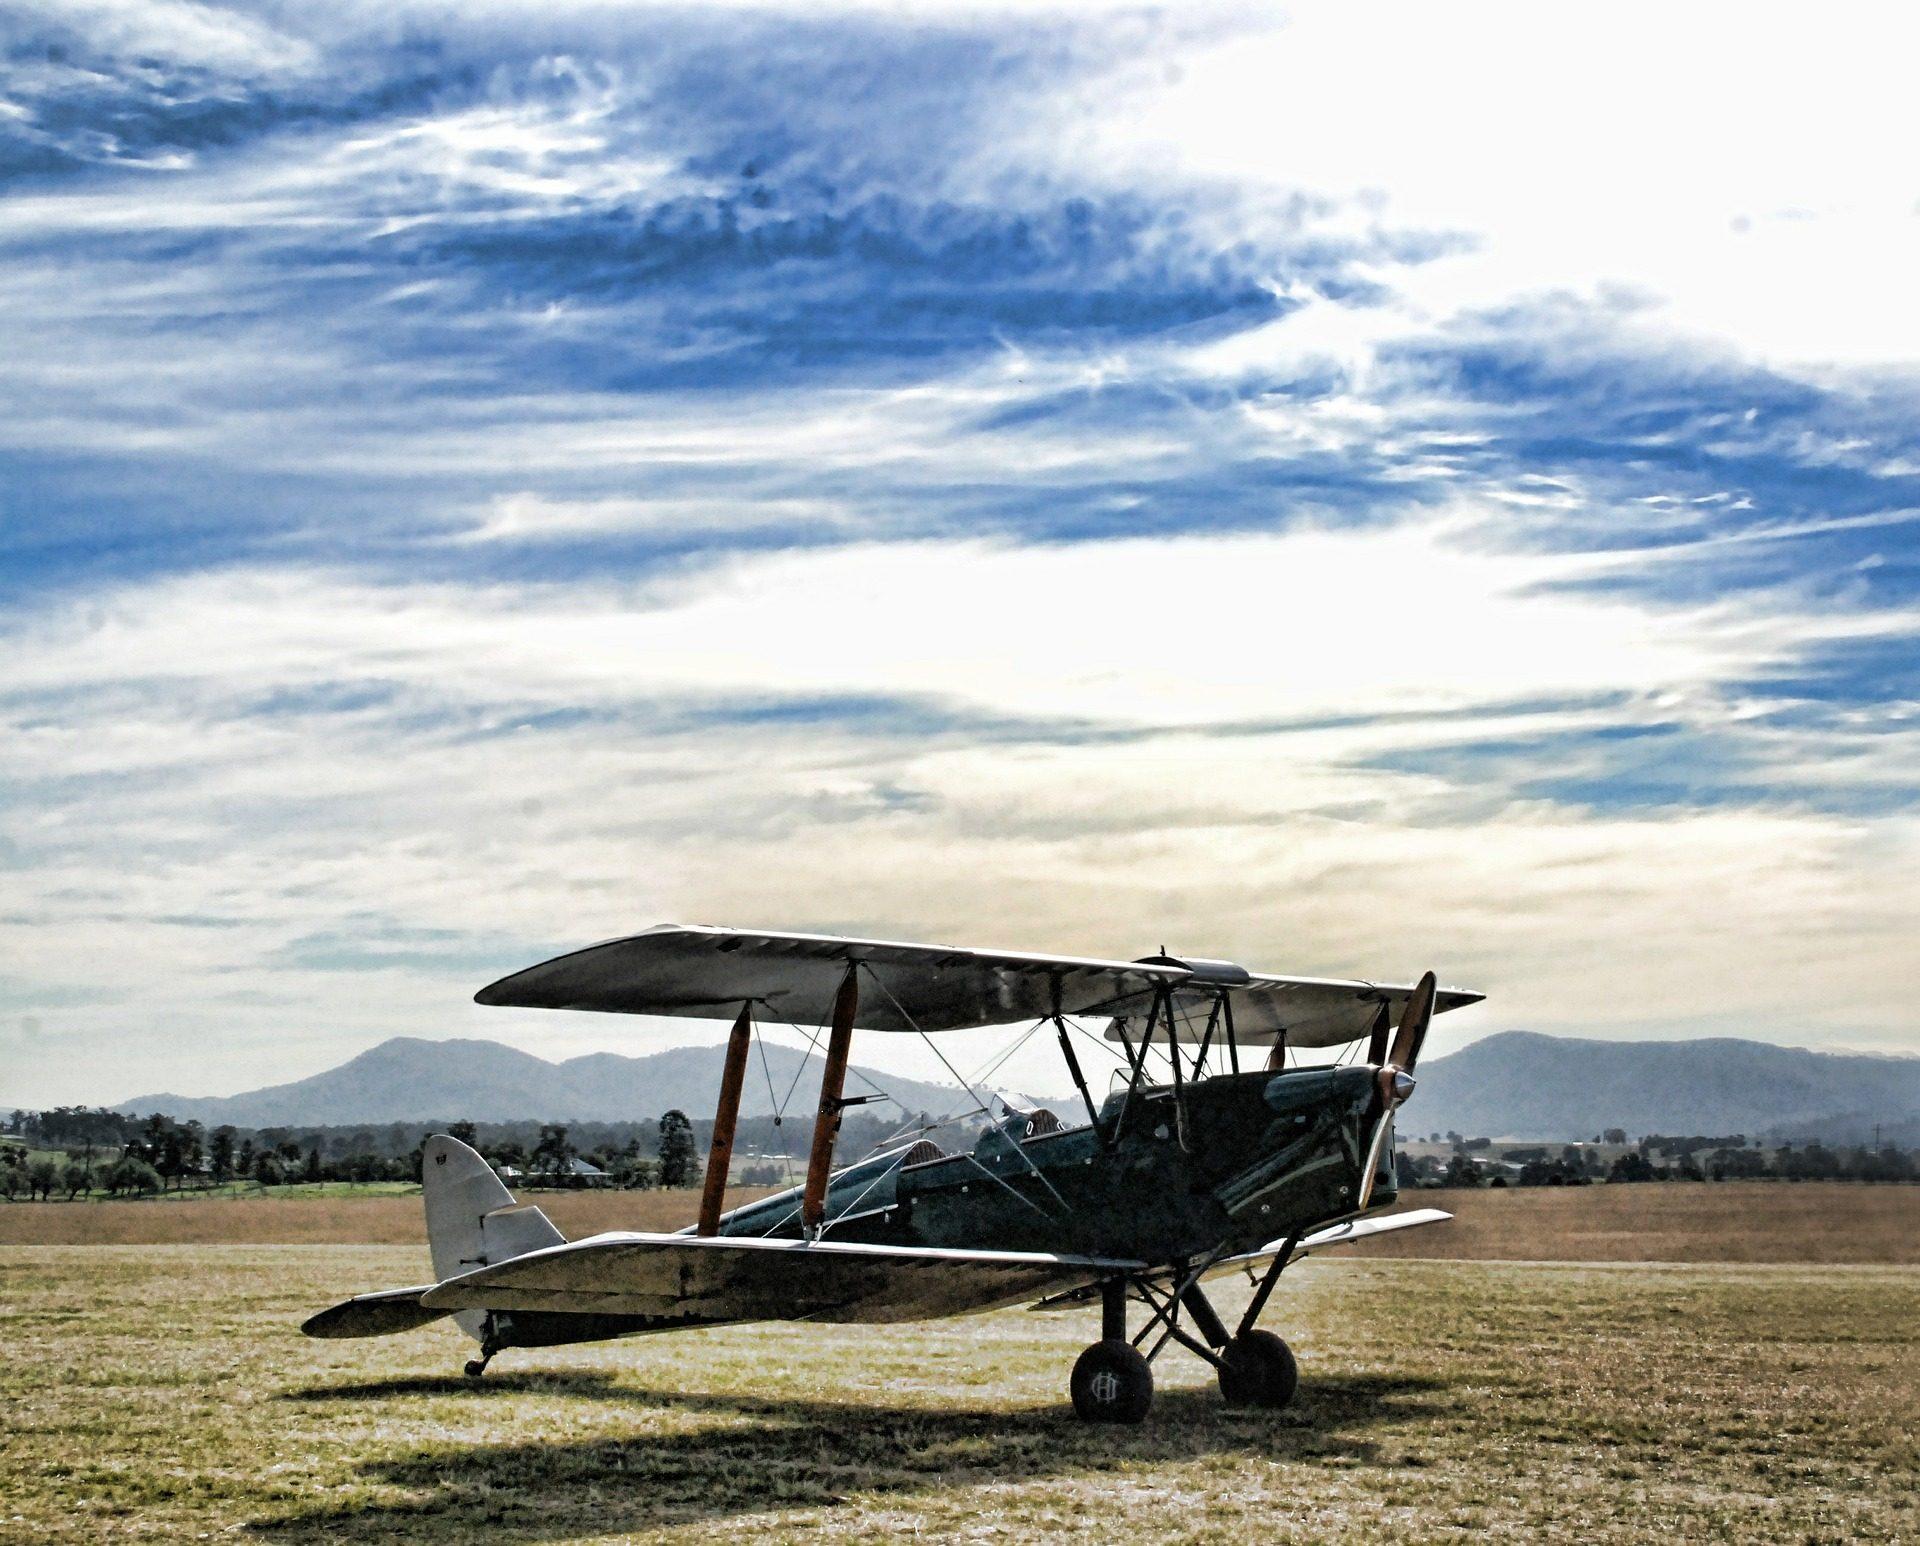 الطائرات الخفيفة, الطائرة, المروحة, المتنزه, الأشجار, يطير - خلفيات عالية الدقة - أستاذ falken.com